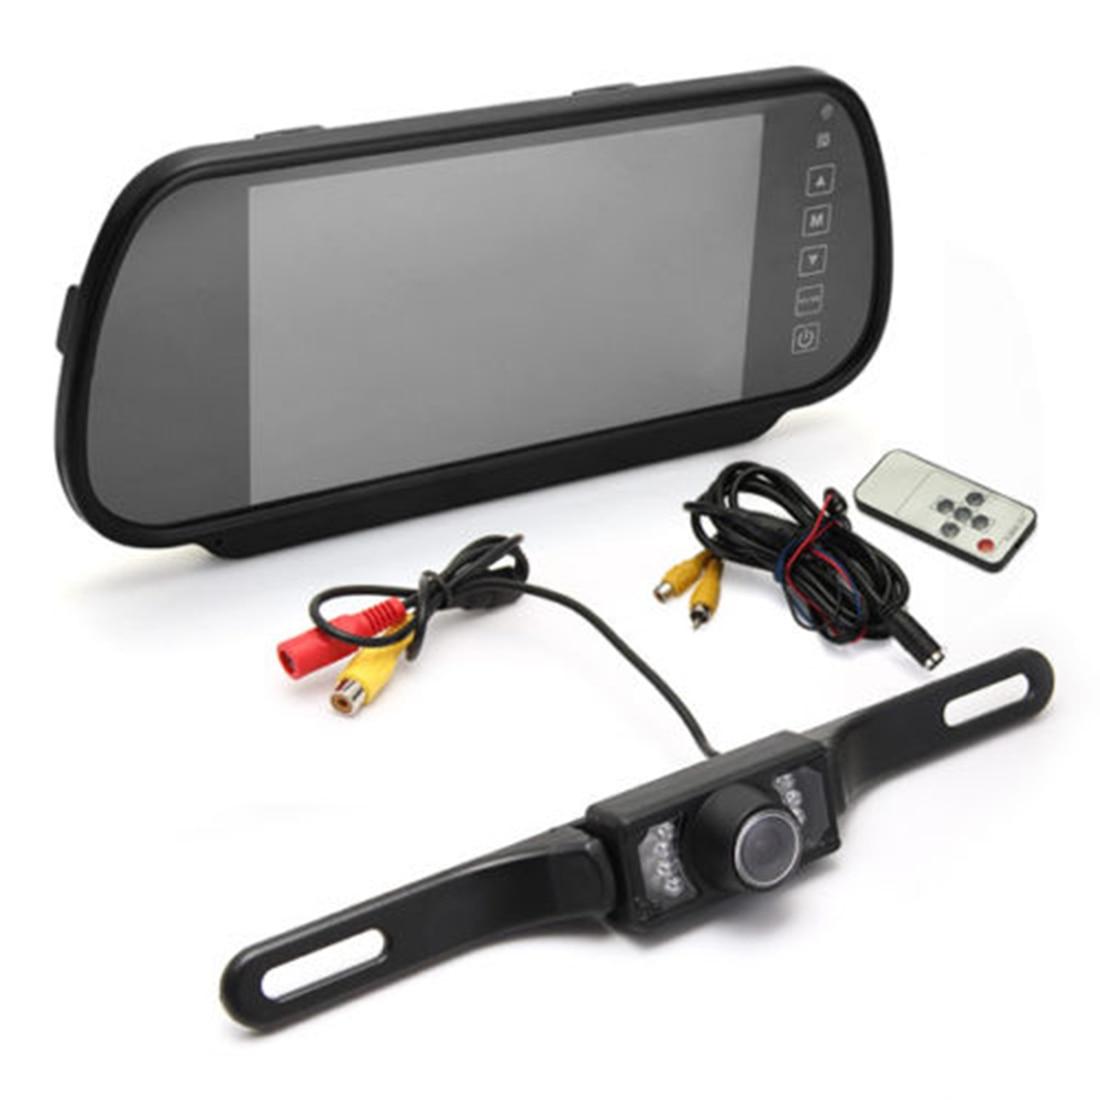 Marsnaska Лидер продаж 2016 года 7 дюймов tft ЖК-дисплей широкий Экран заднего вида Парковка зеркало монитор + светодиодный Камера высокое качество